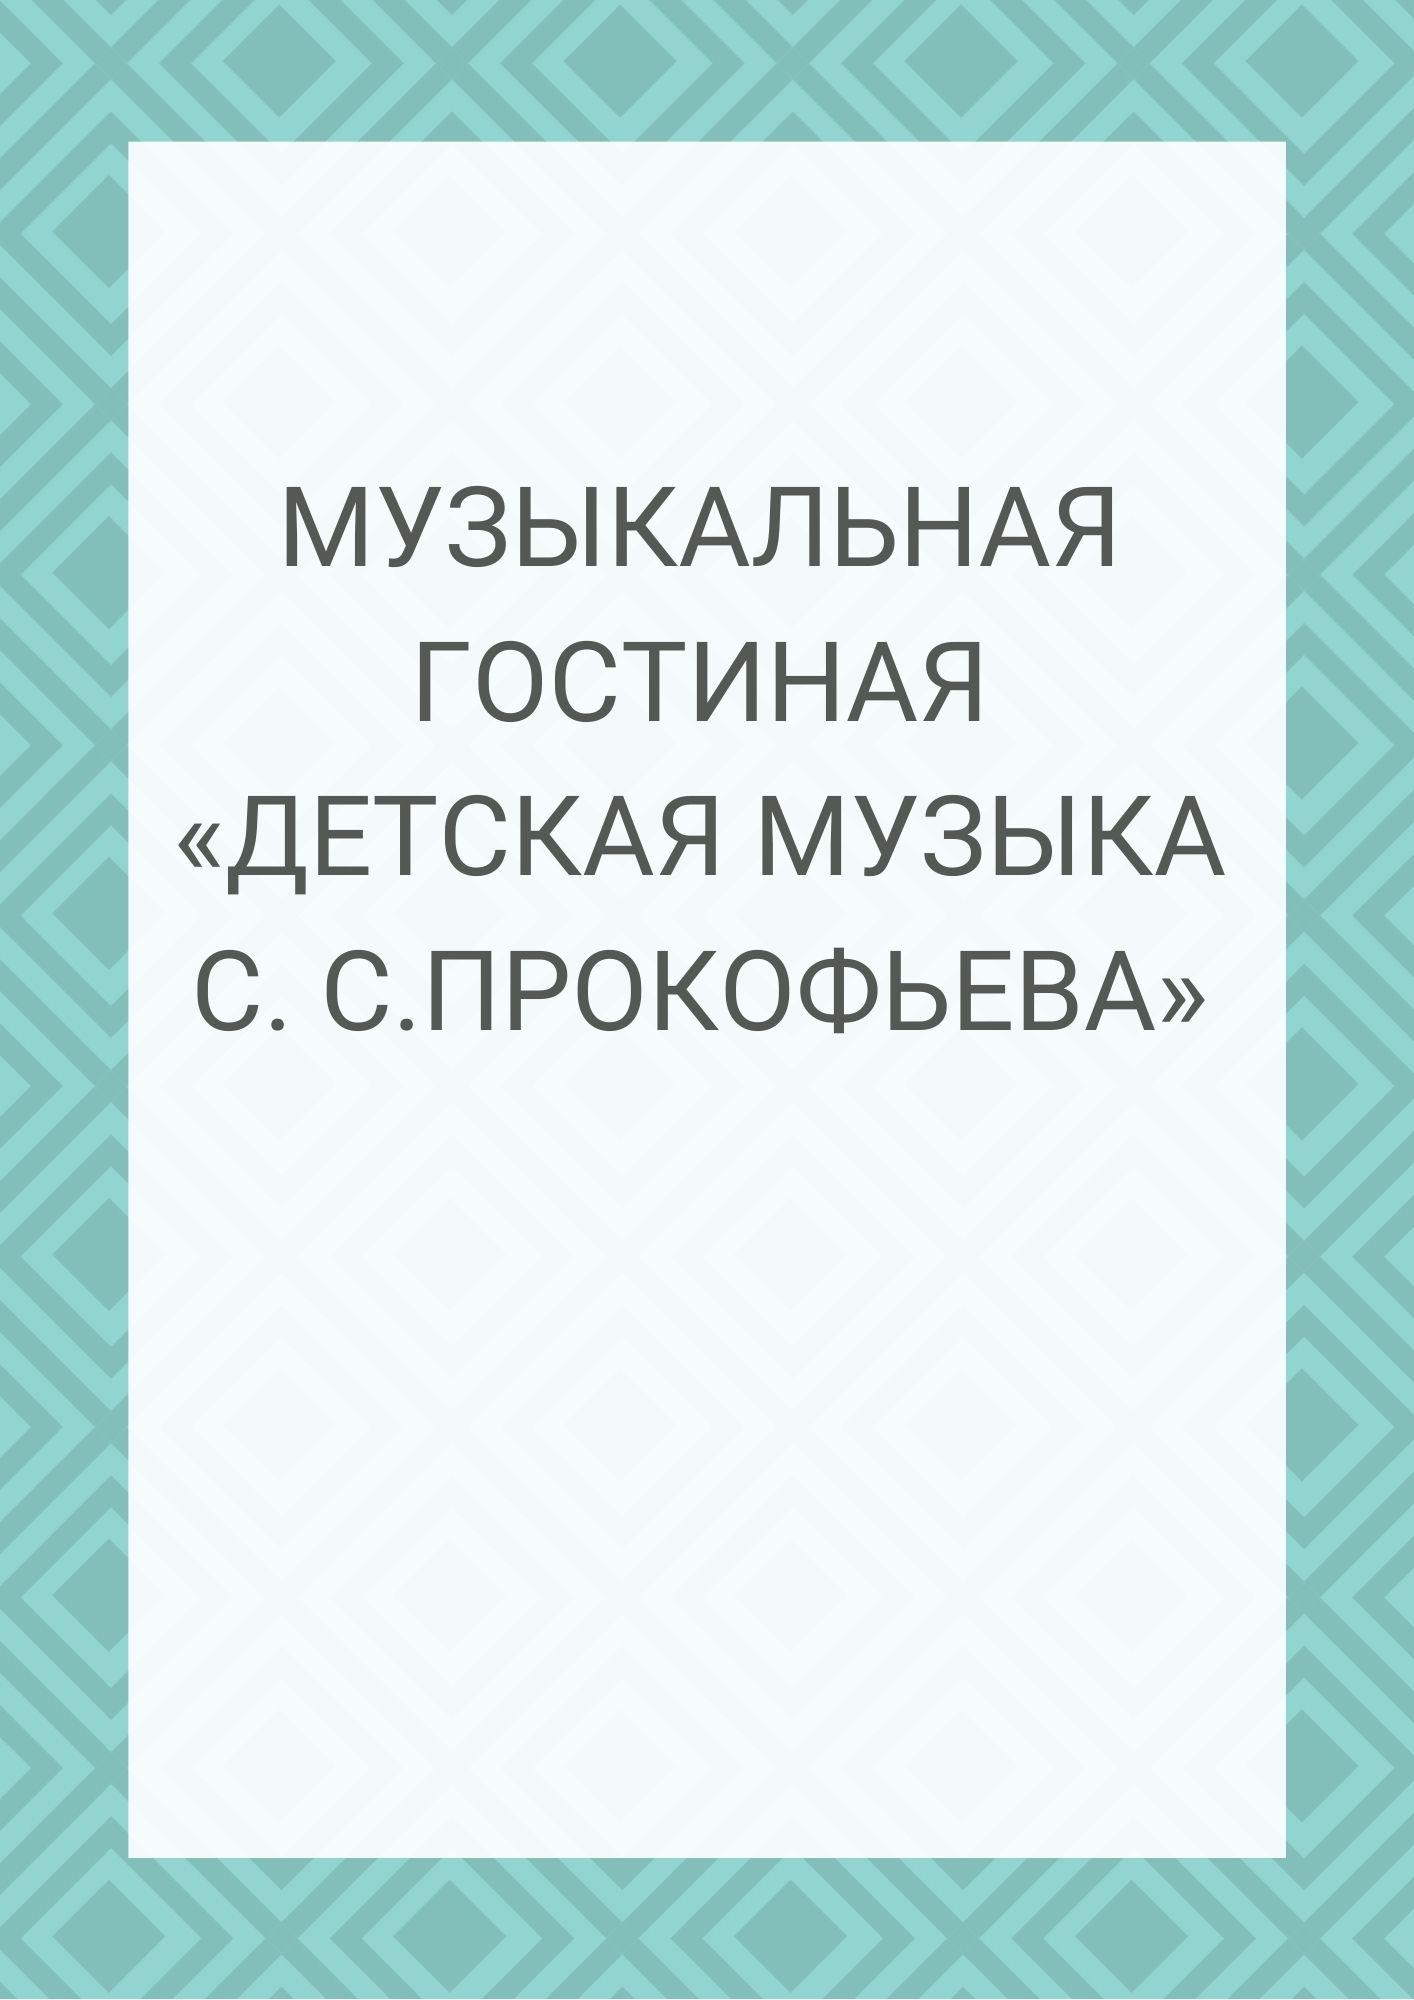 Музыкальная гостиная «Детская музыка С. С.Прокофьева»